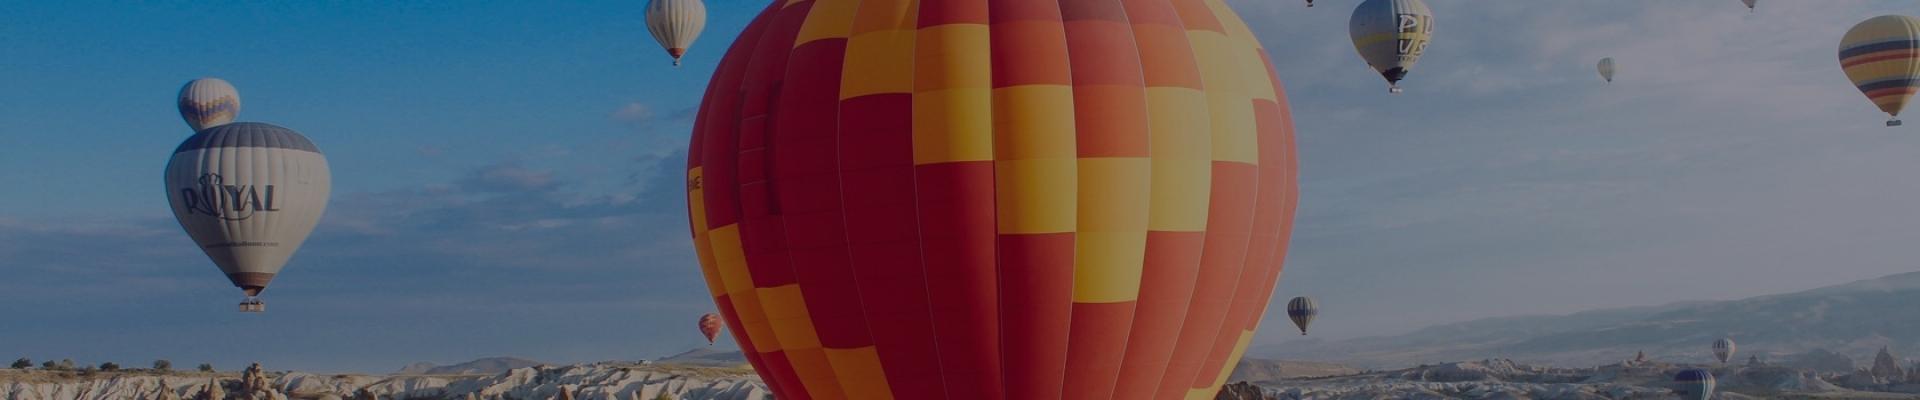 Hot air ballooning in Maharashtra, India